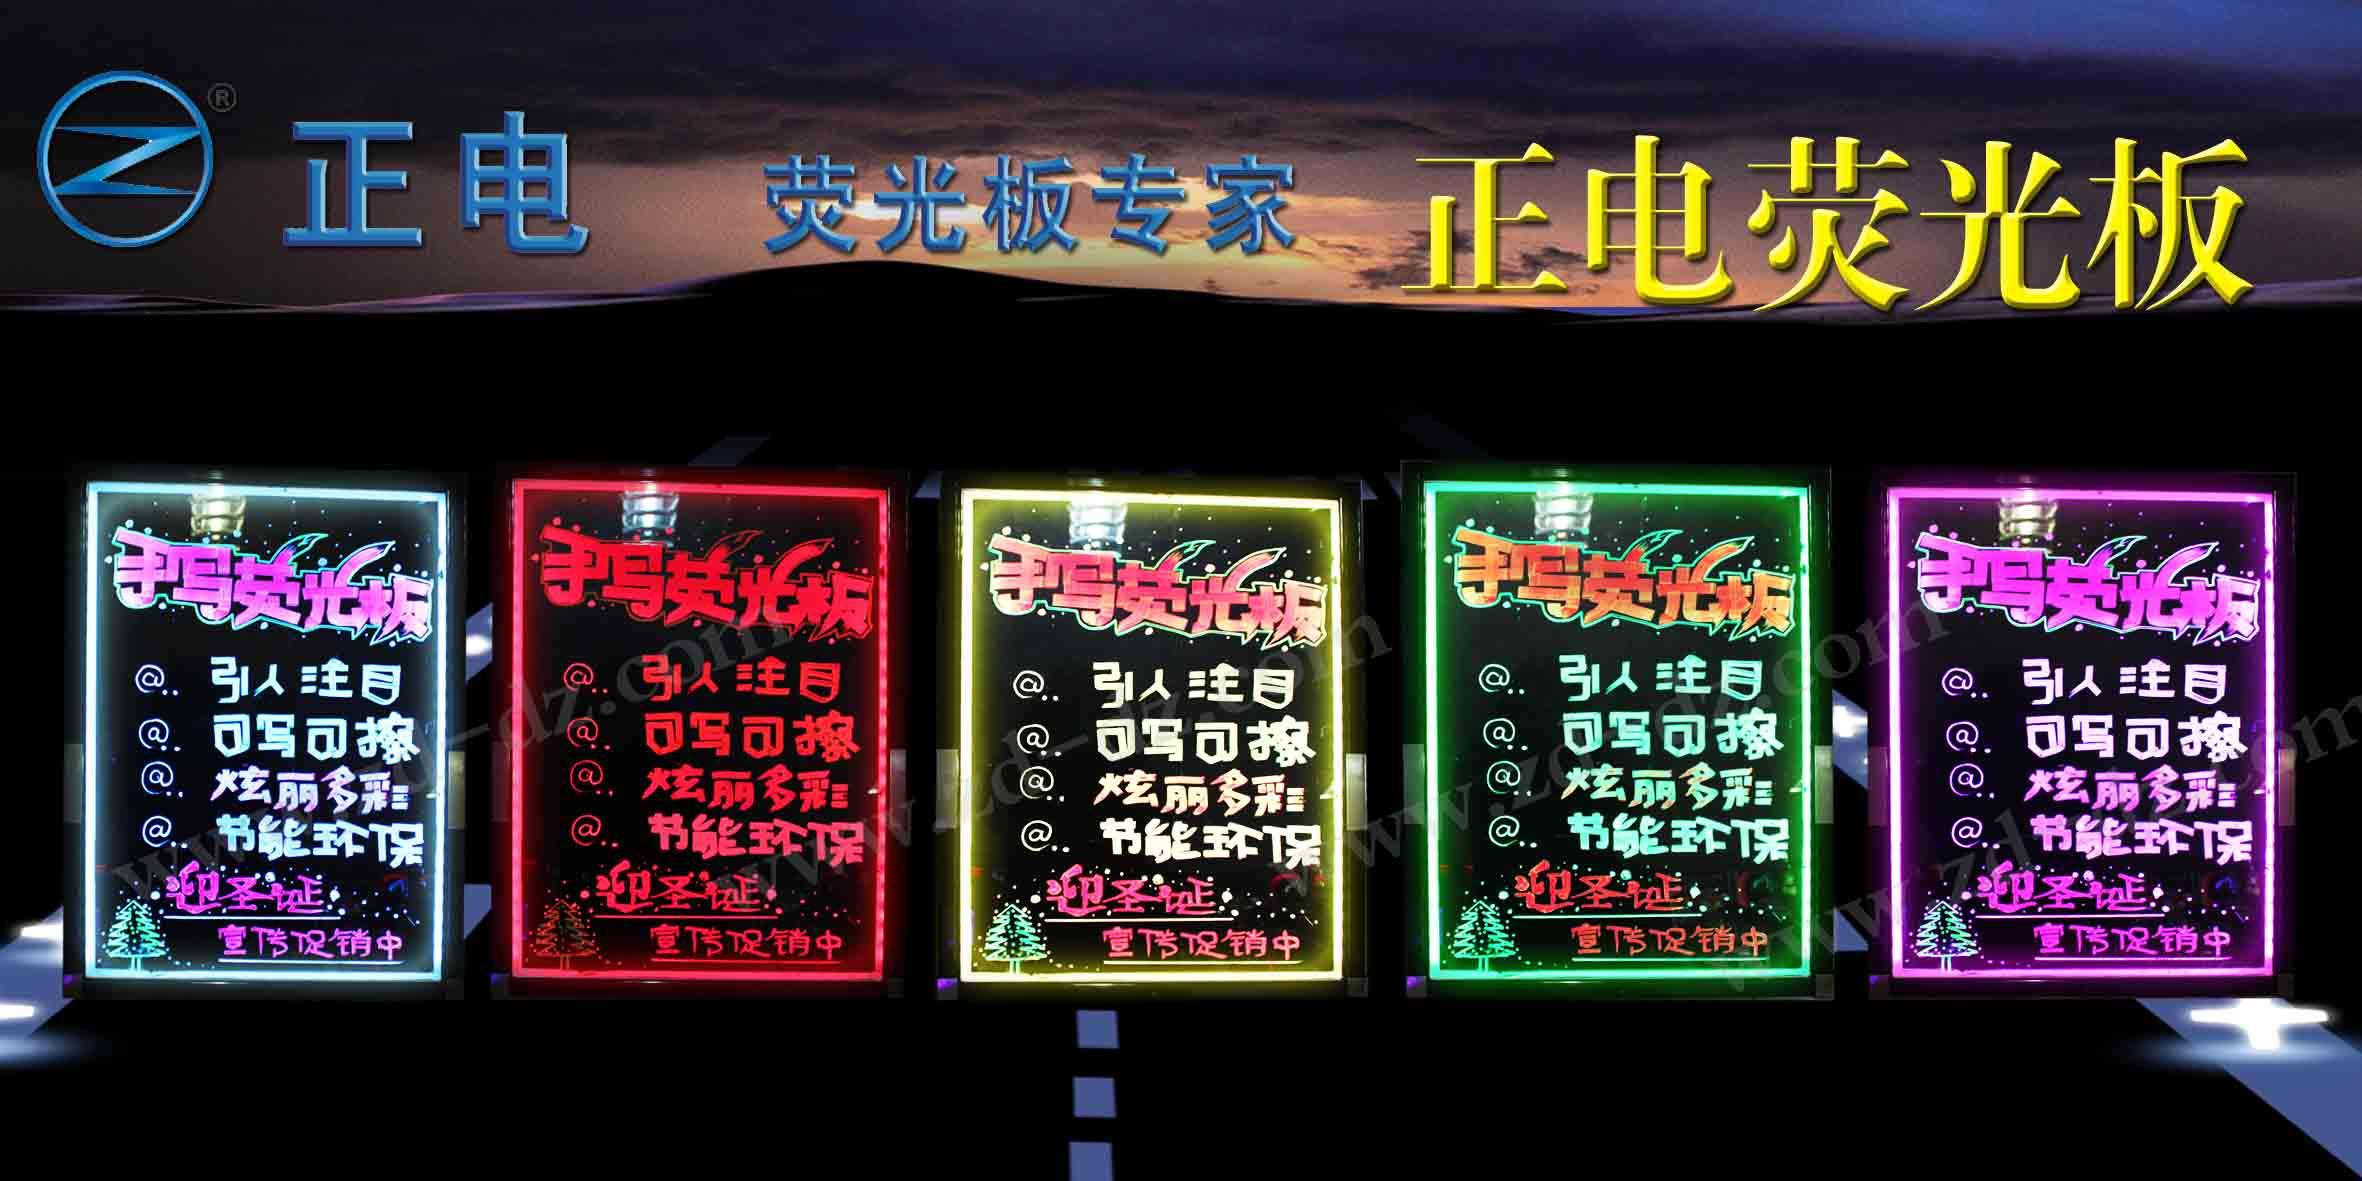 荧光板设计图案图片大全 电子手写荧光板 led荧光板 七